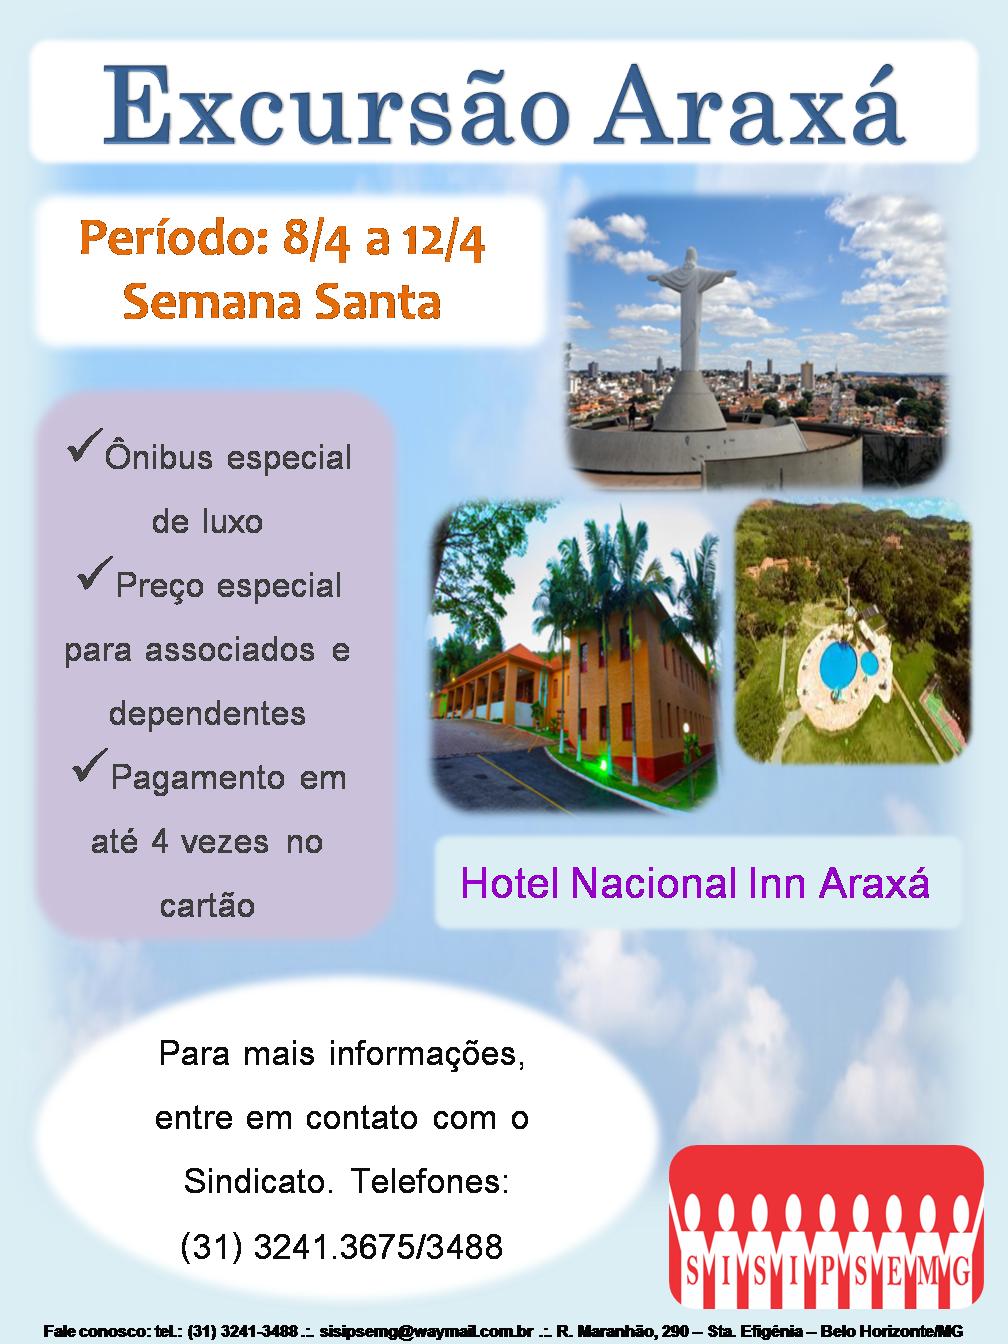 Excursão Araxá